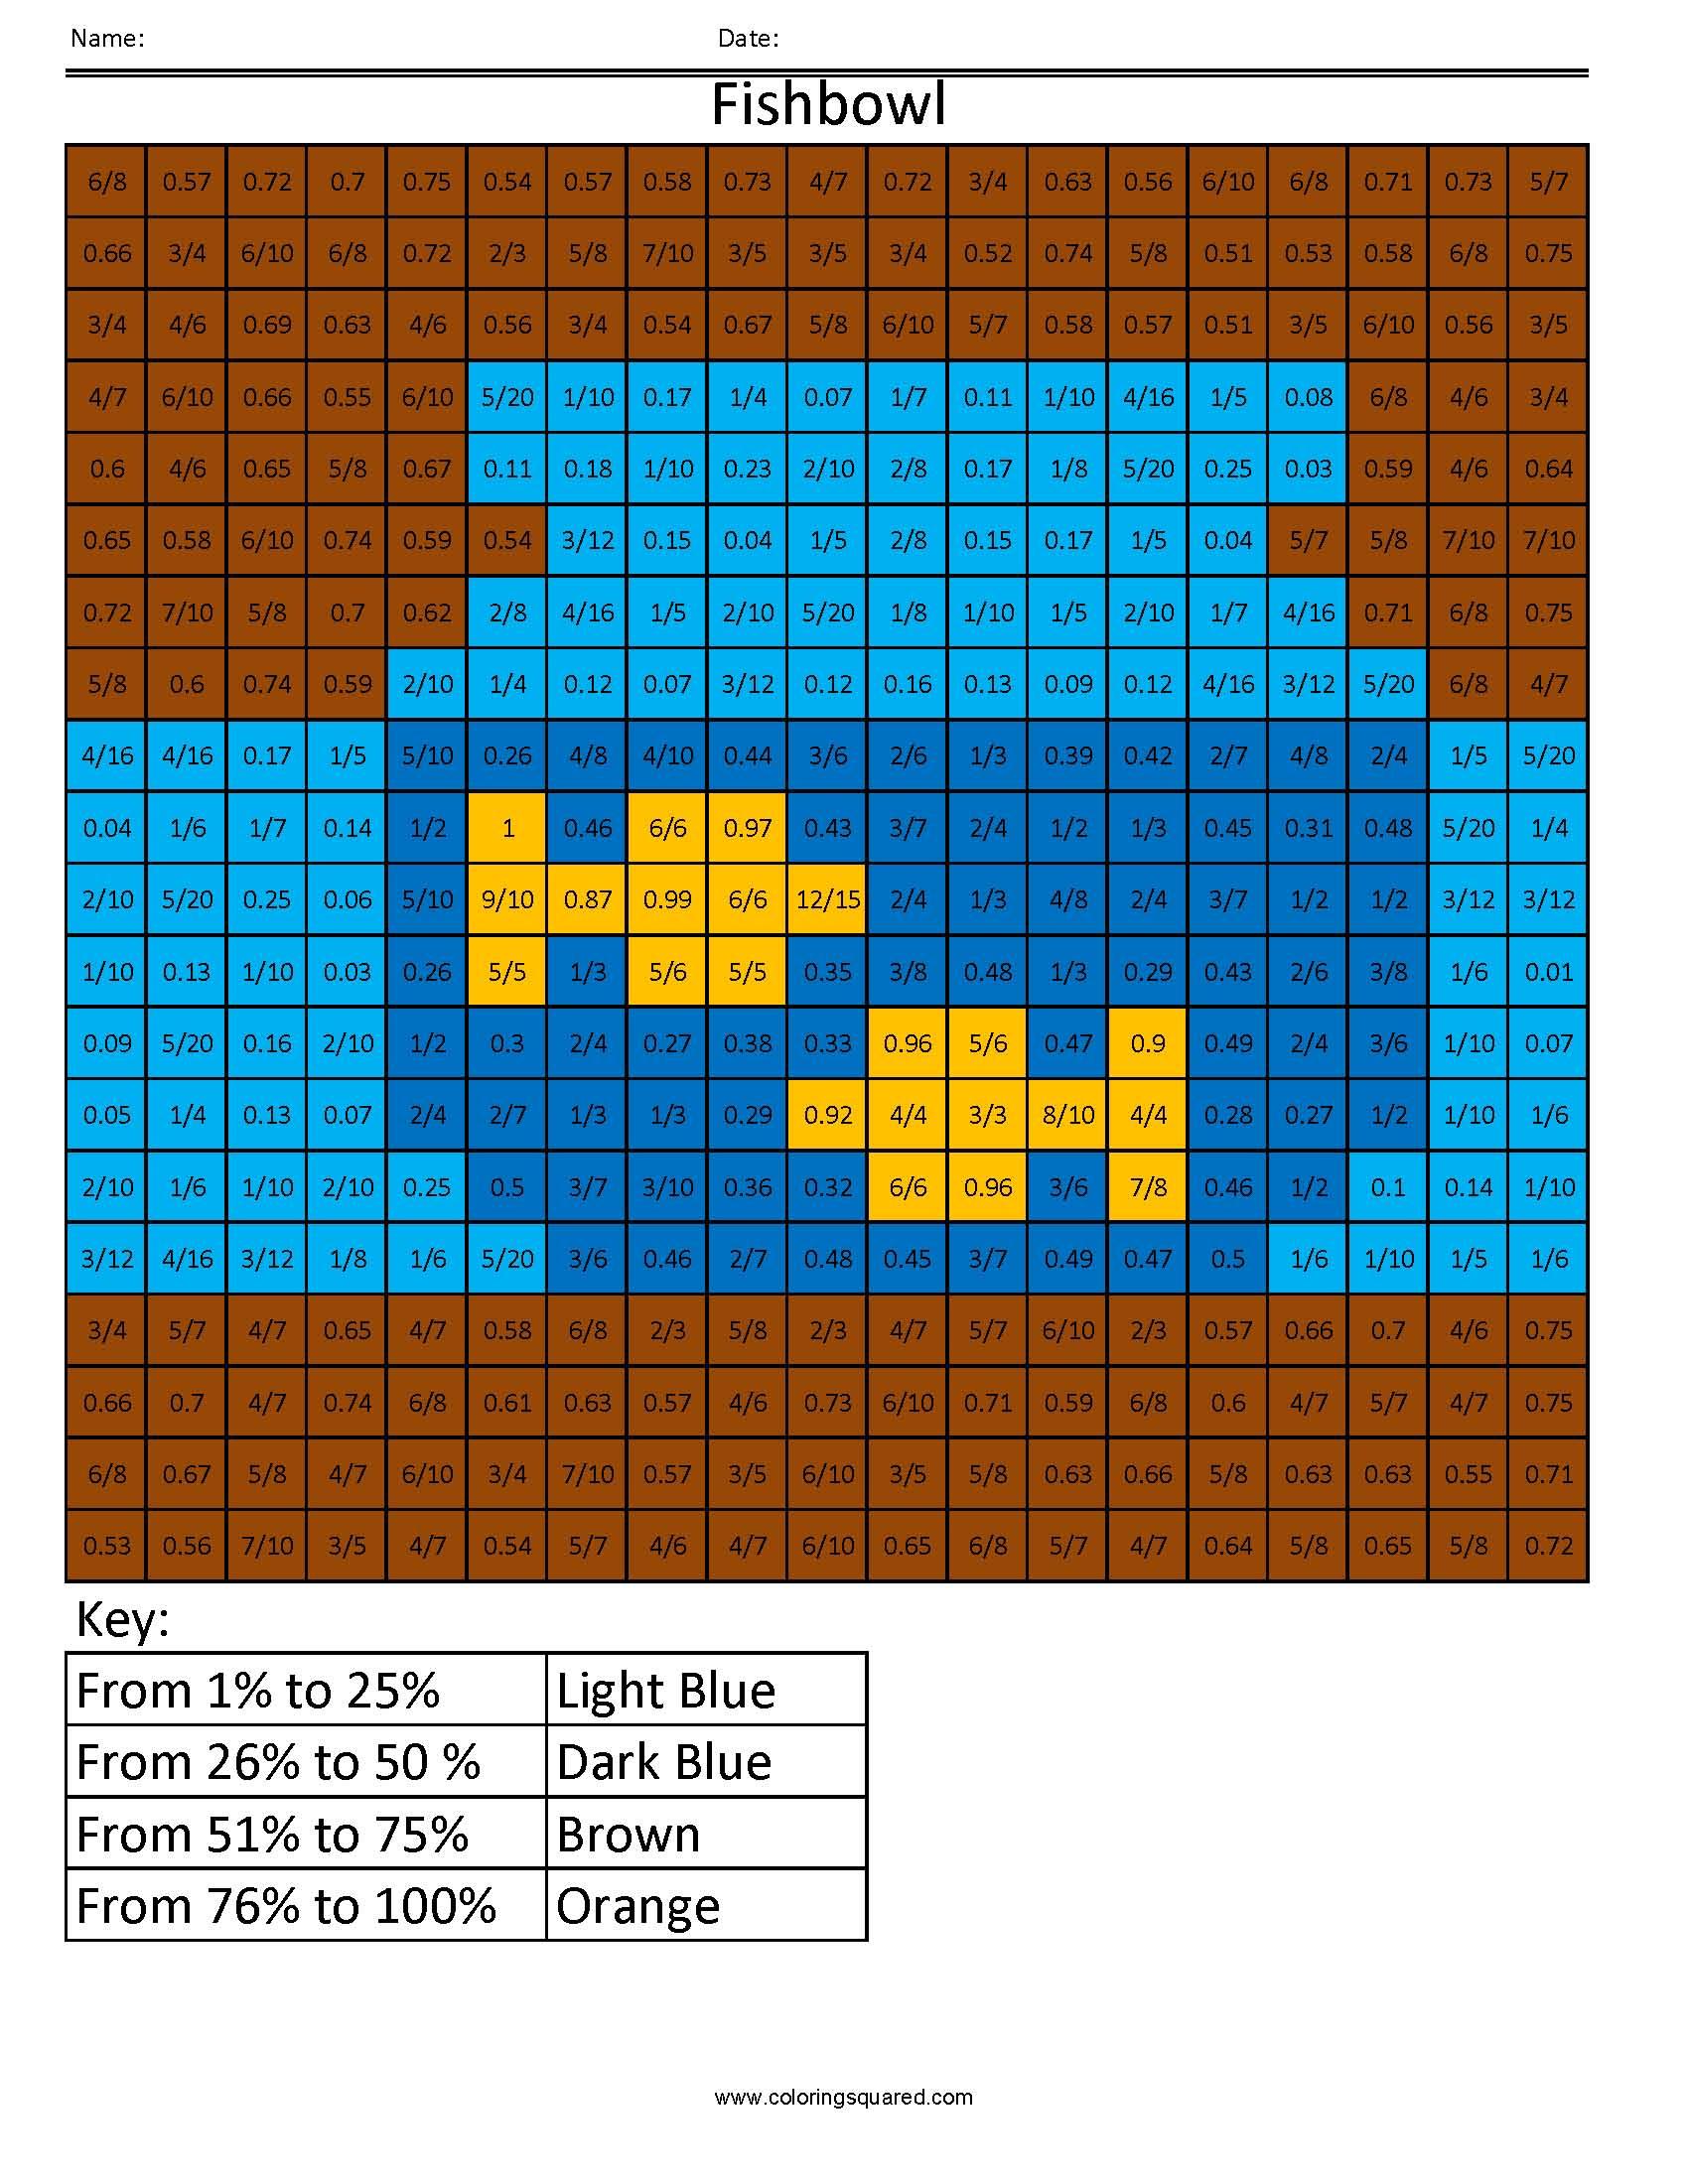 Pp9 Fishbowl Color Free Fractions Decimals Percent